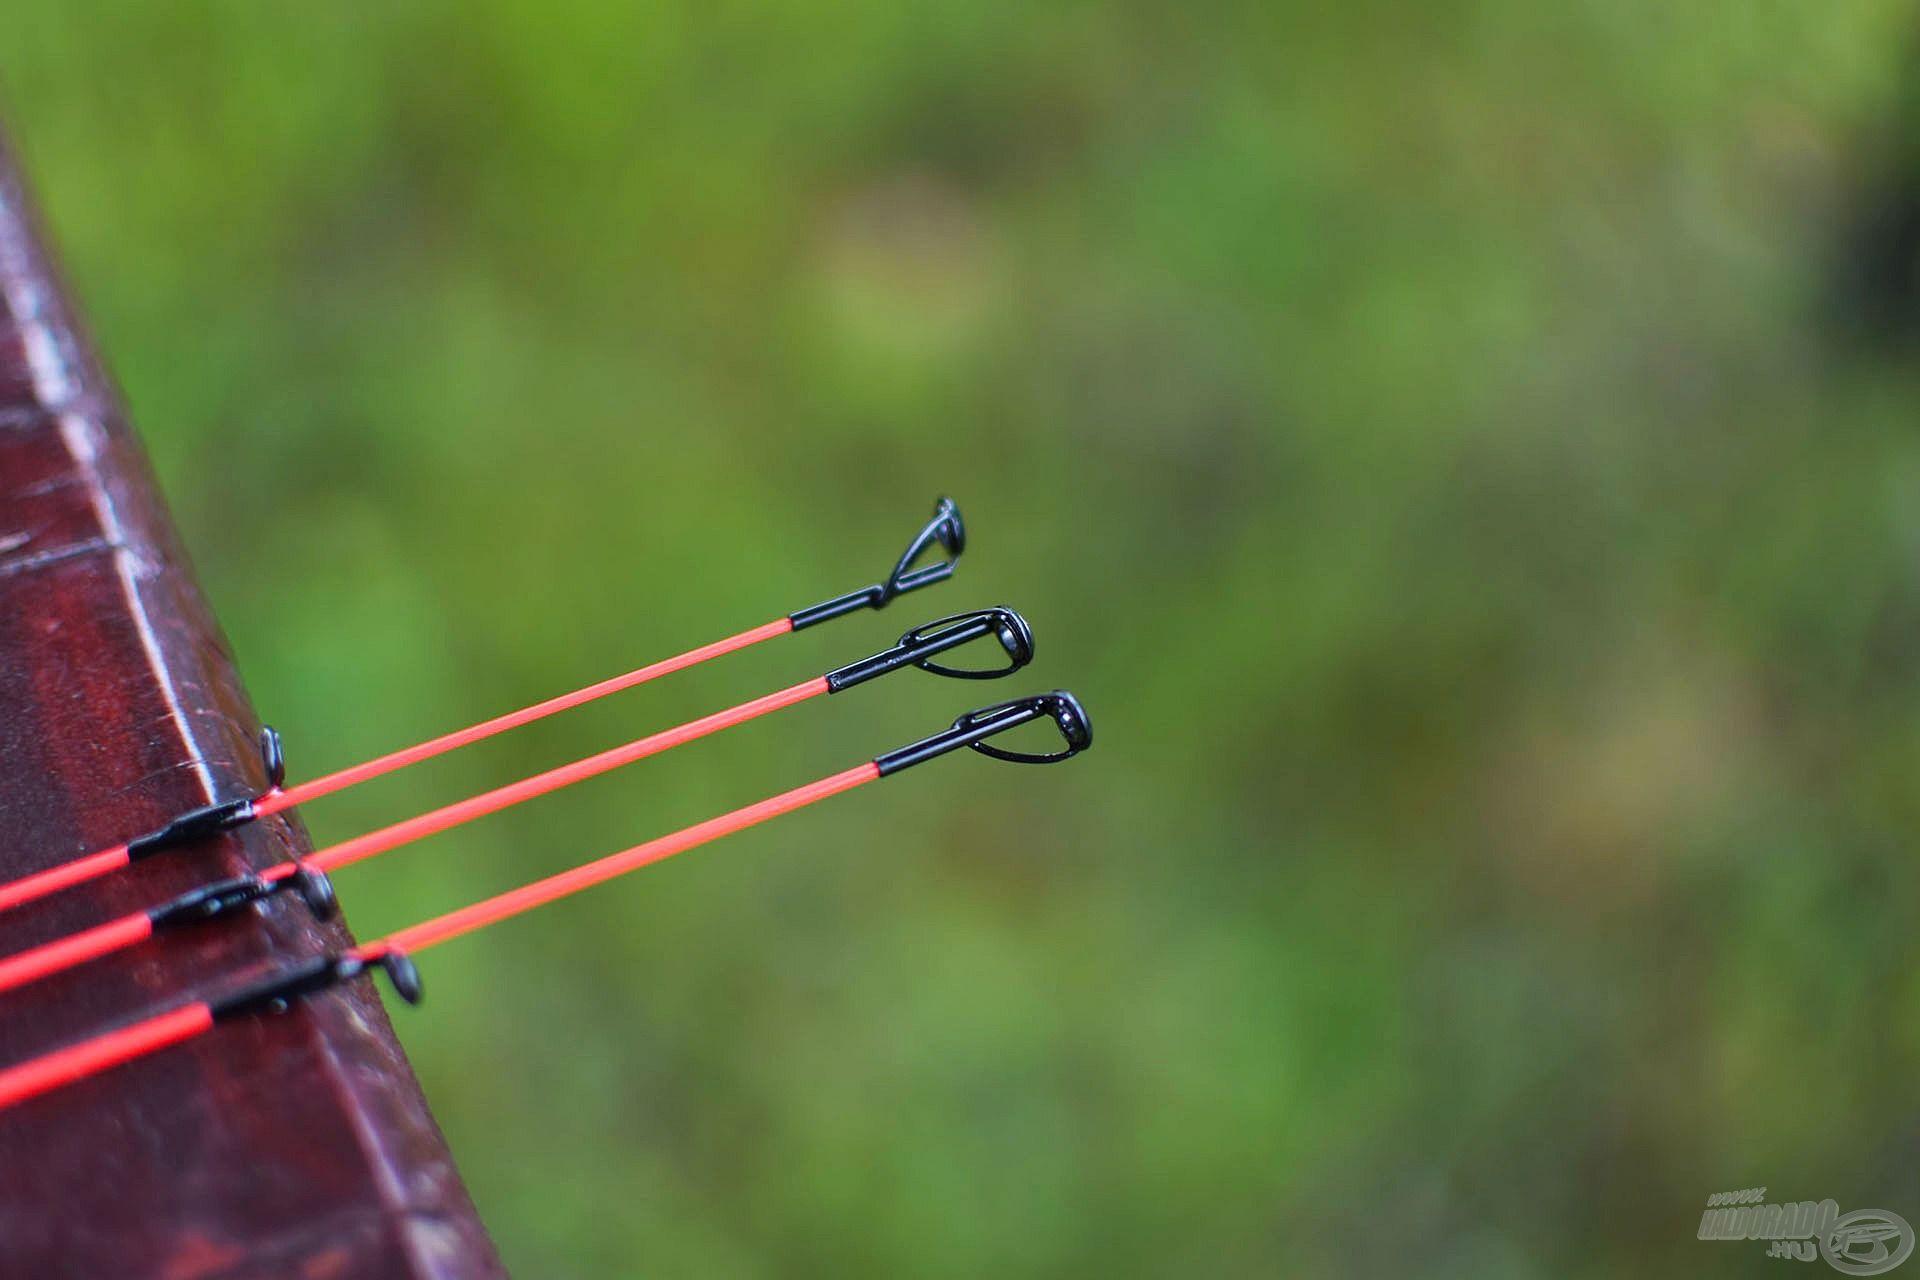 A jó láthatóság érdekében a spiccek utolsó 3 szekciója piros színezetet kapott, valamint a spiccgyűrű 2 pici talppal meg van támasztva, hogy a nehezebb végszerelék bedobása közben se kelljen attól félni, hogy lekonyulnak, legörbülnek